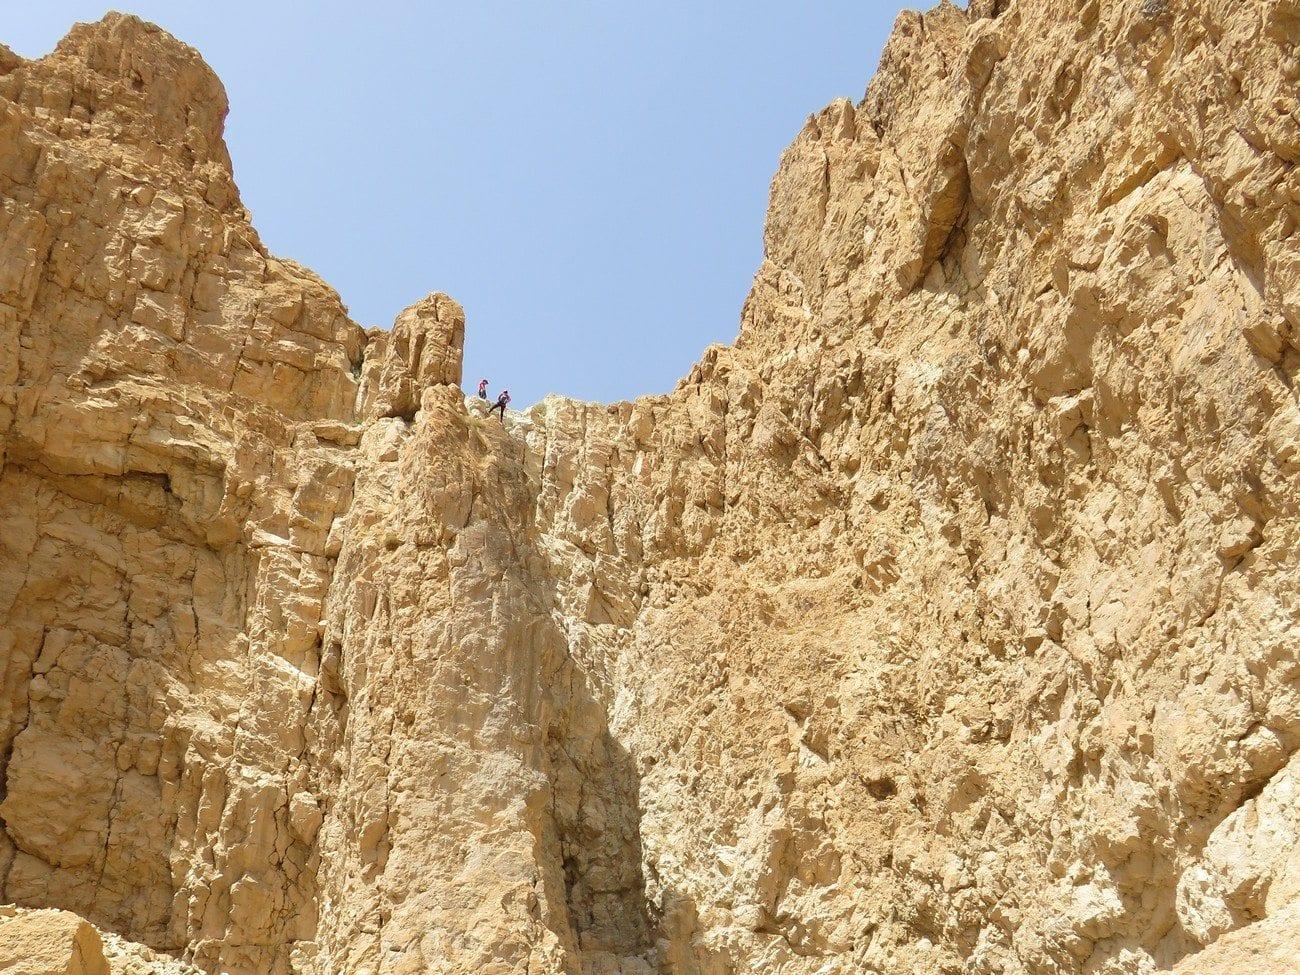 סנפלינג מדבר יהודה עם ערוצים בטבע